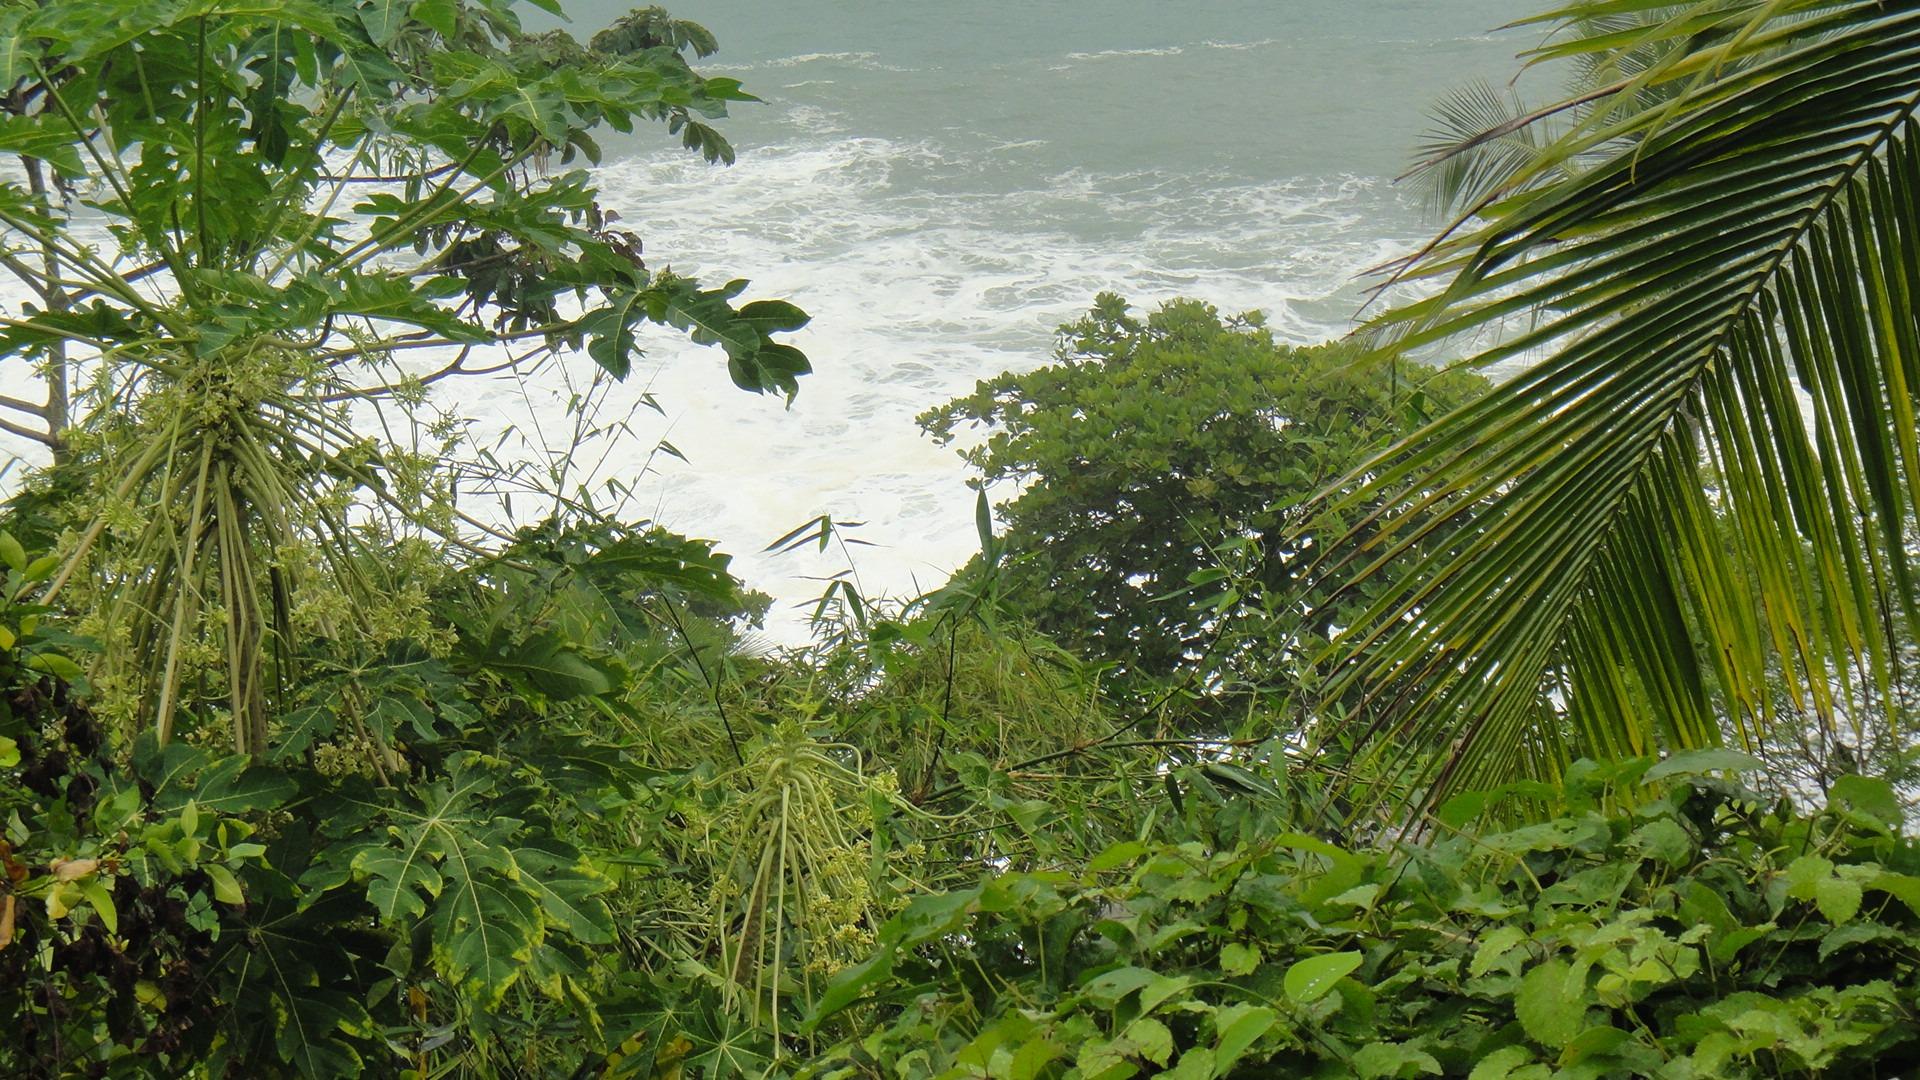 hình ảnh : cây, Nước, thiên nhiên, chi nhánh, Lá, hoa, màu xanh lá, rừng nhiệt đới, Chảy, nhiệt đới, Thực vật học, Hệ thực vật, Cây xanh, dừa, Có lá, Cây ...